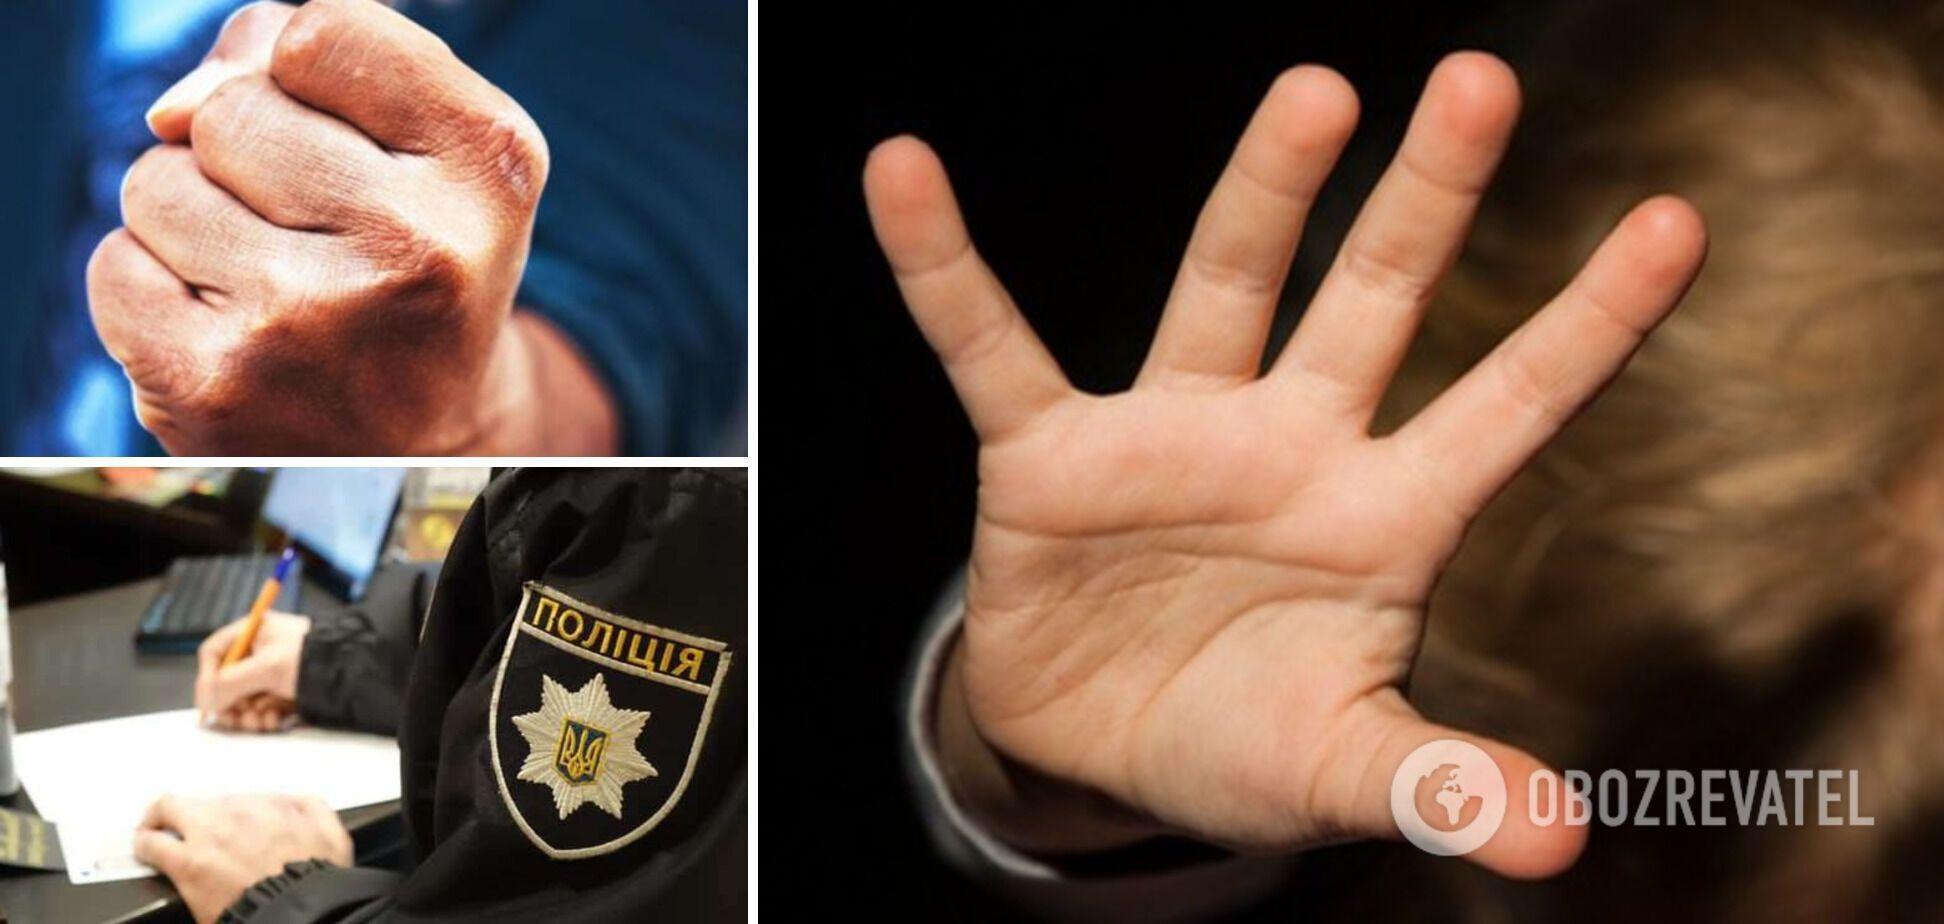 На Житомирщині вітчим побив 8-річну дівчинку, поки її мати була в лікарні: деталі НП